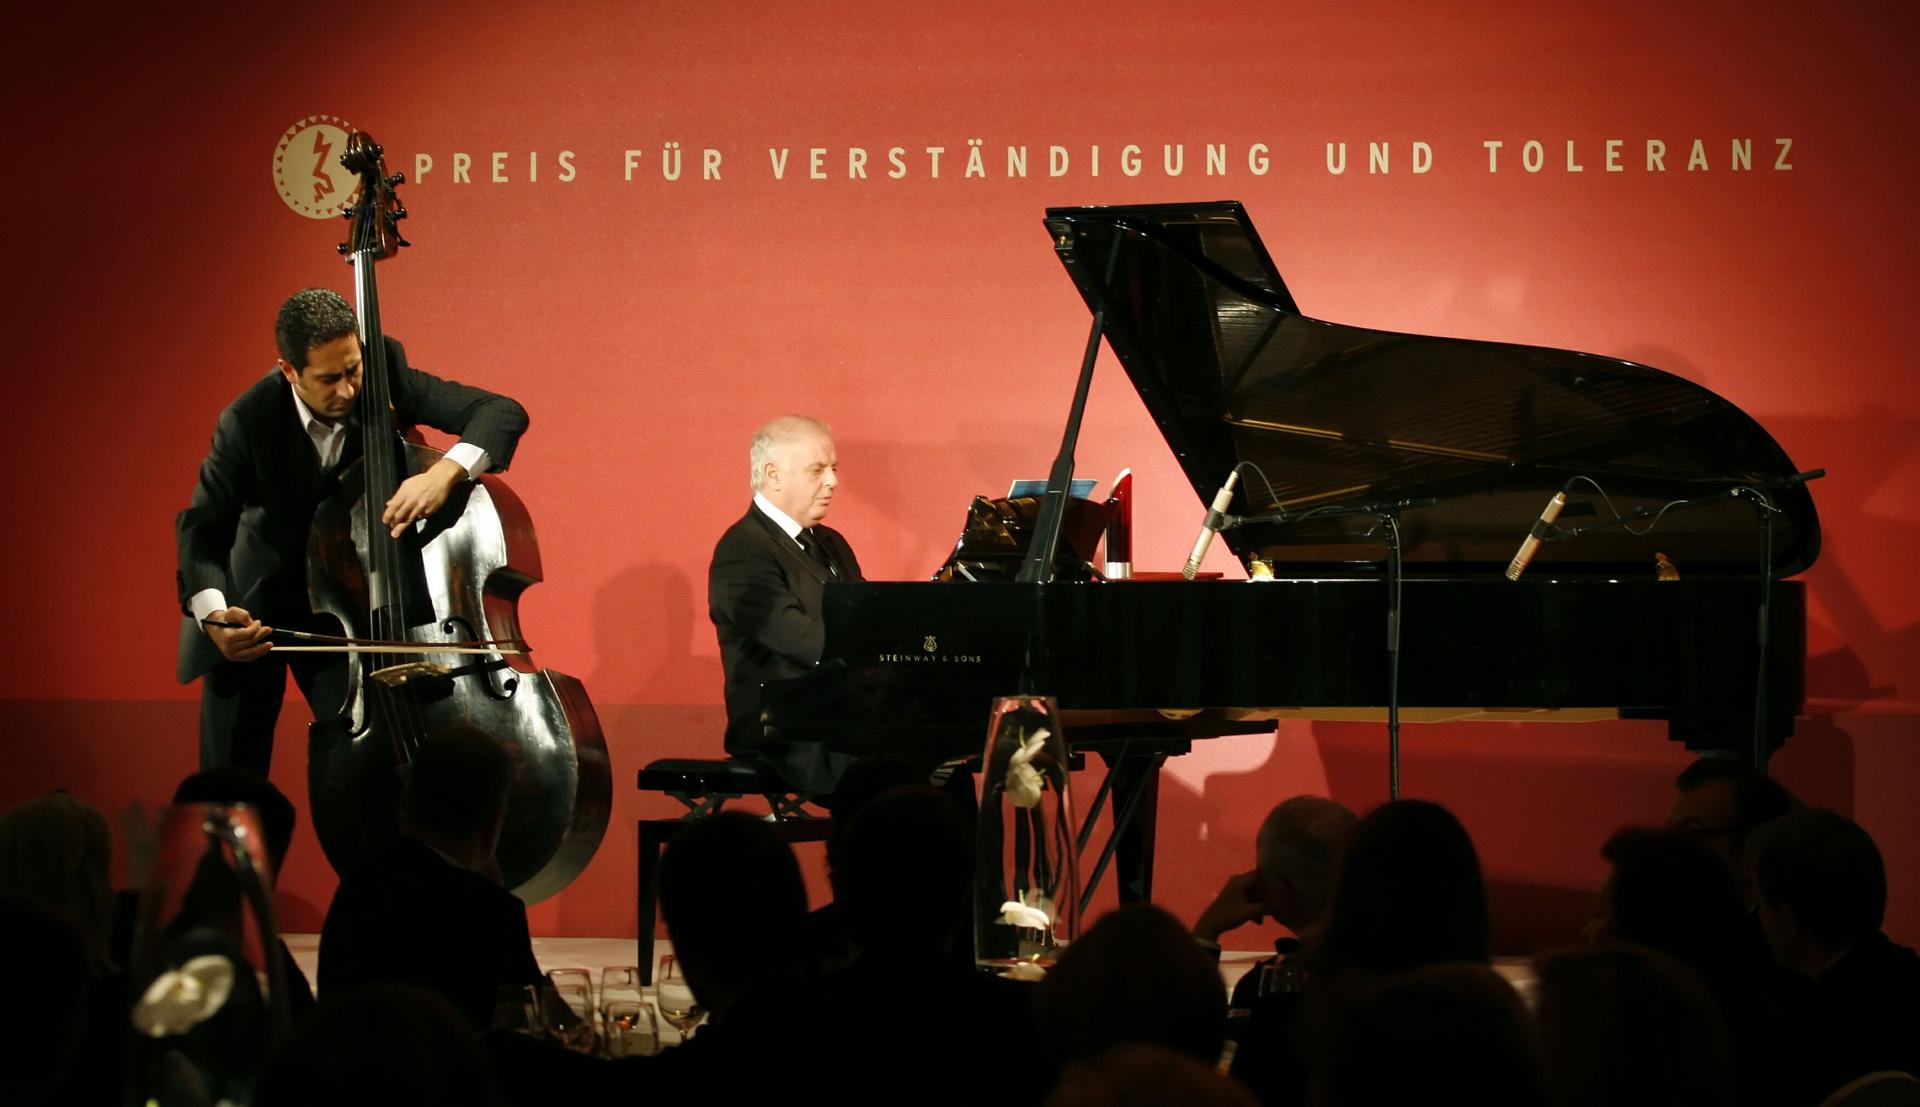 Galadinner 2006, Konzert mit Daniel Barenboim (Flügel) und Nabil Shehata (Kontrabass)